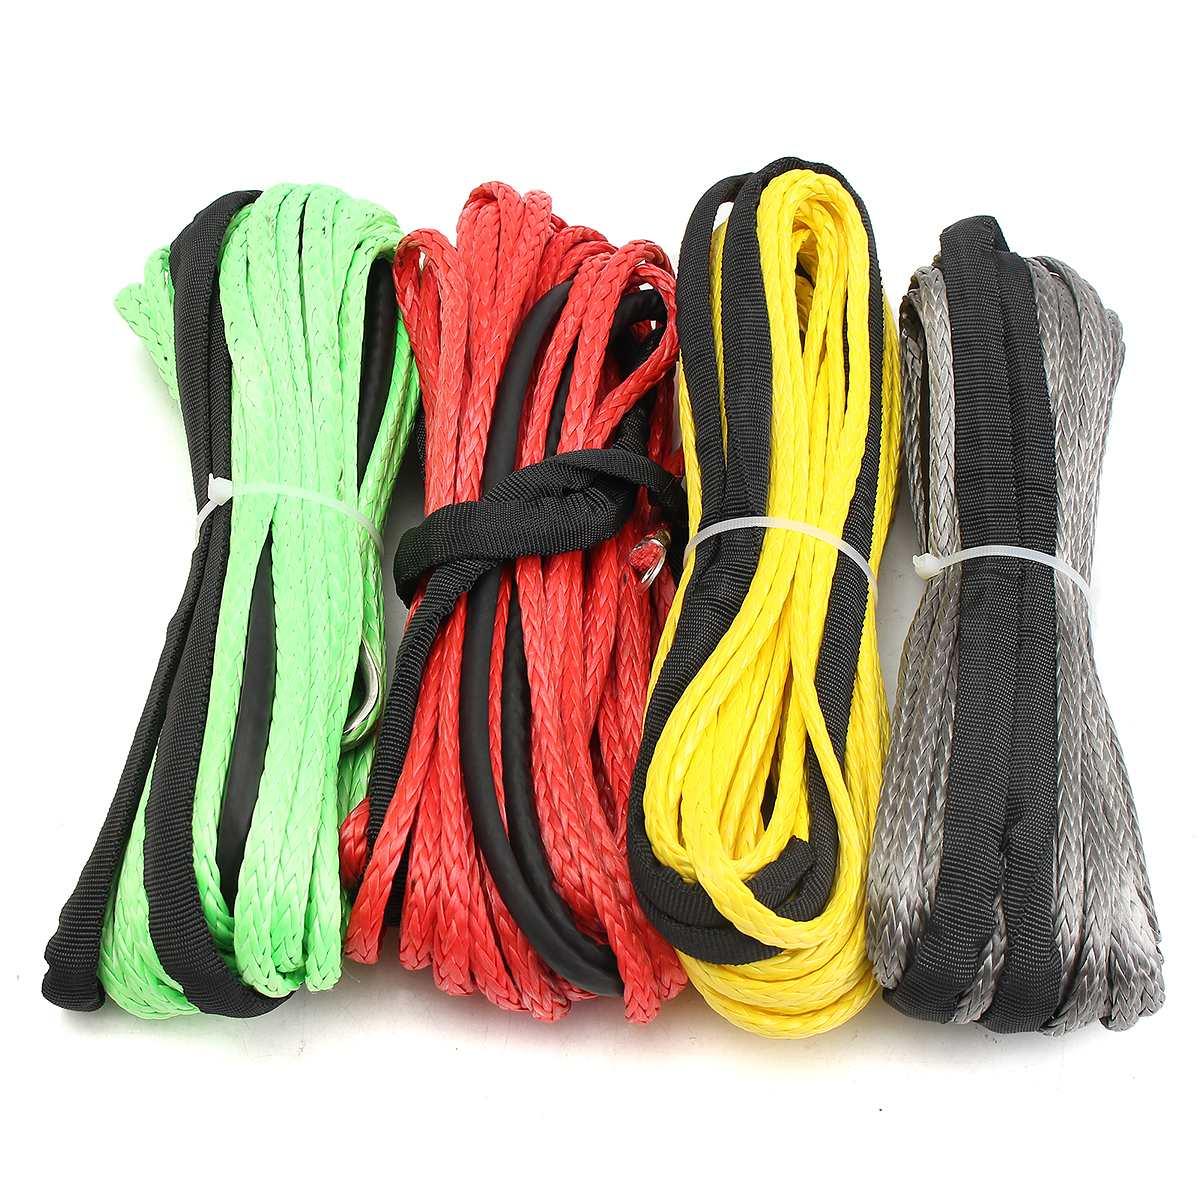 Лучшая цена 3/16 х 50 Синтетический Волокно лебедки кабельной линии веревка 5500 LBS + оболочка для ATV UTV 5.5 мм * 15 м химическое ...